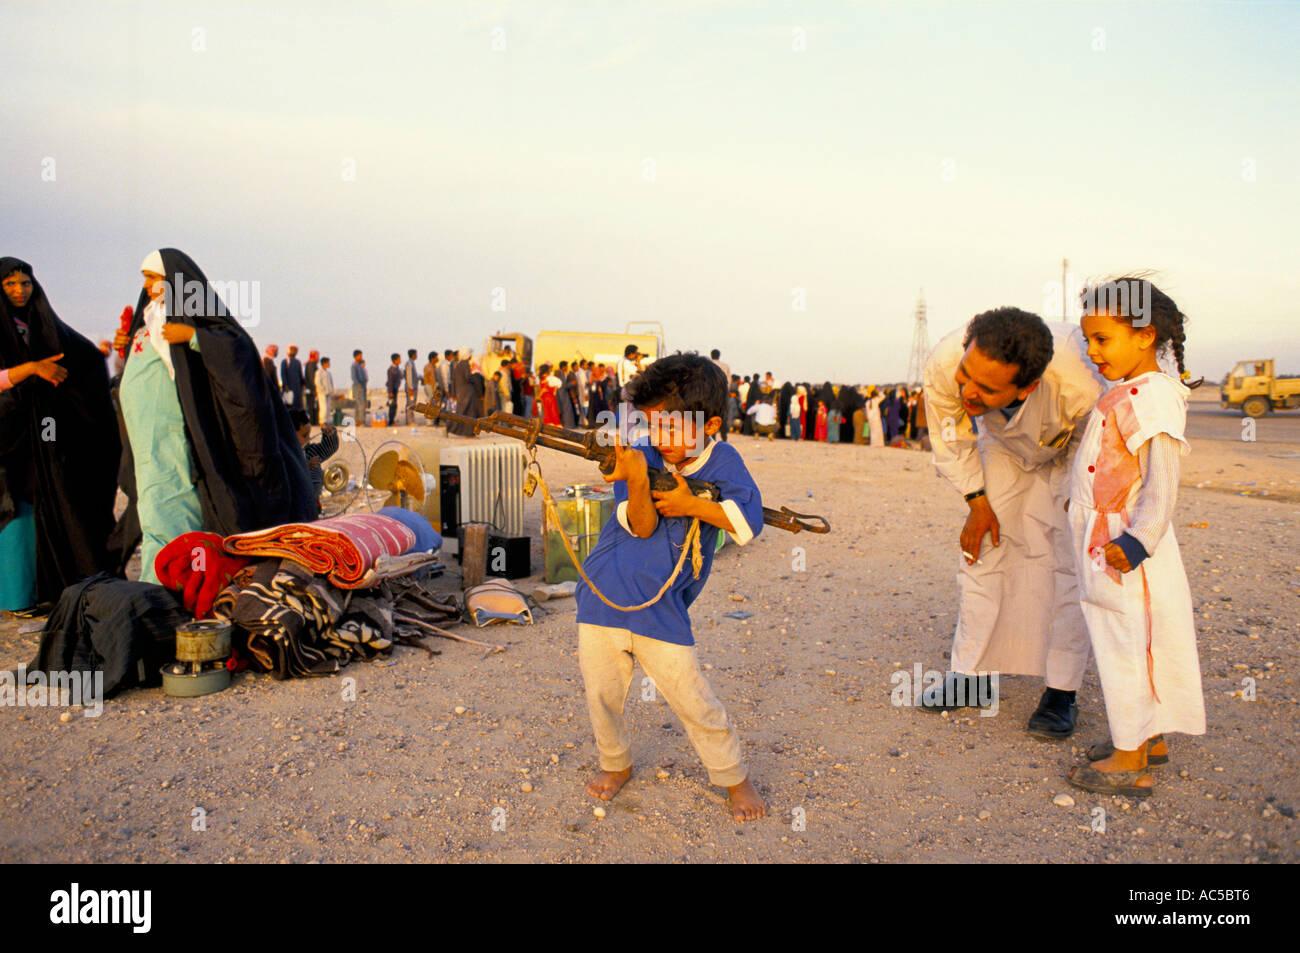 Gulf War 1991 Iraqi Kuwait Stock Photos & Gulf War 1991 Iraqi ...